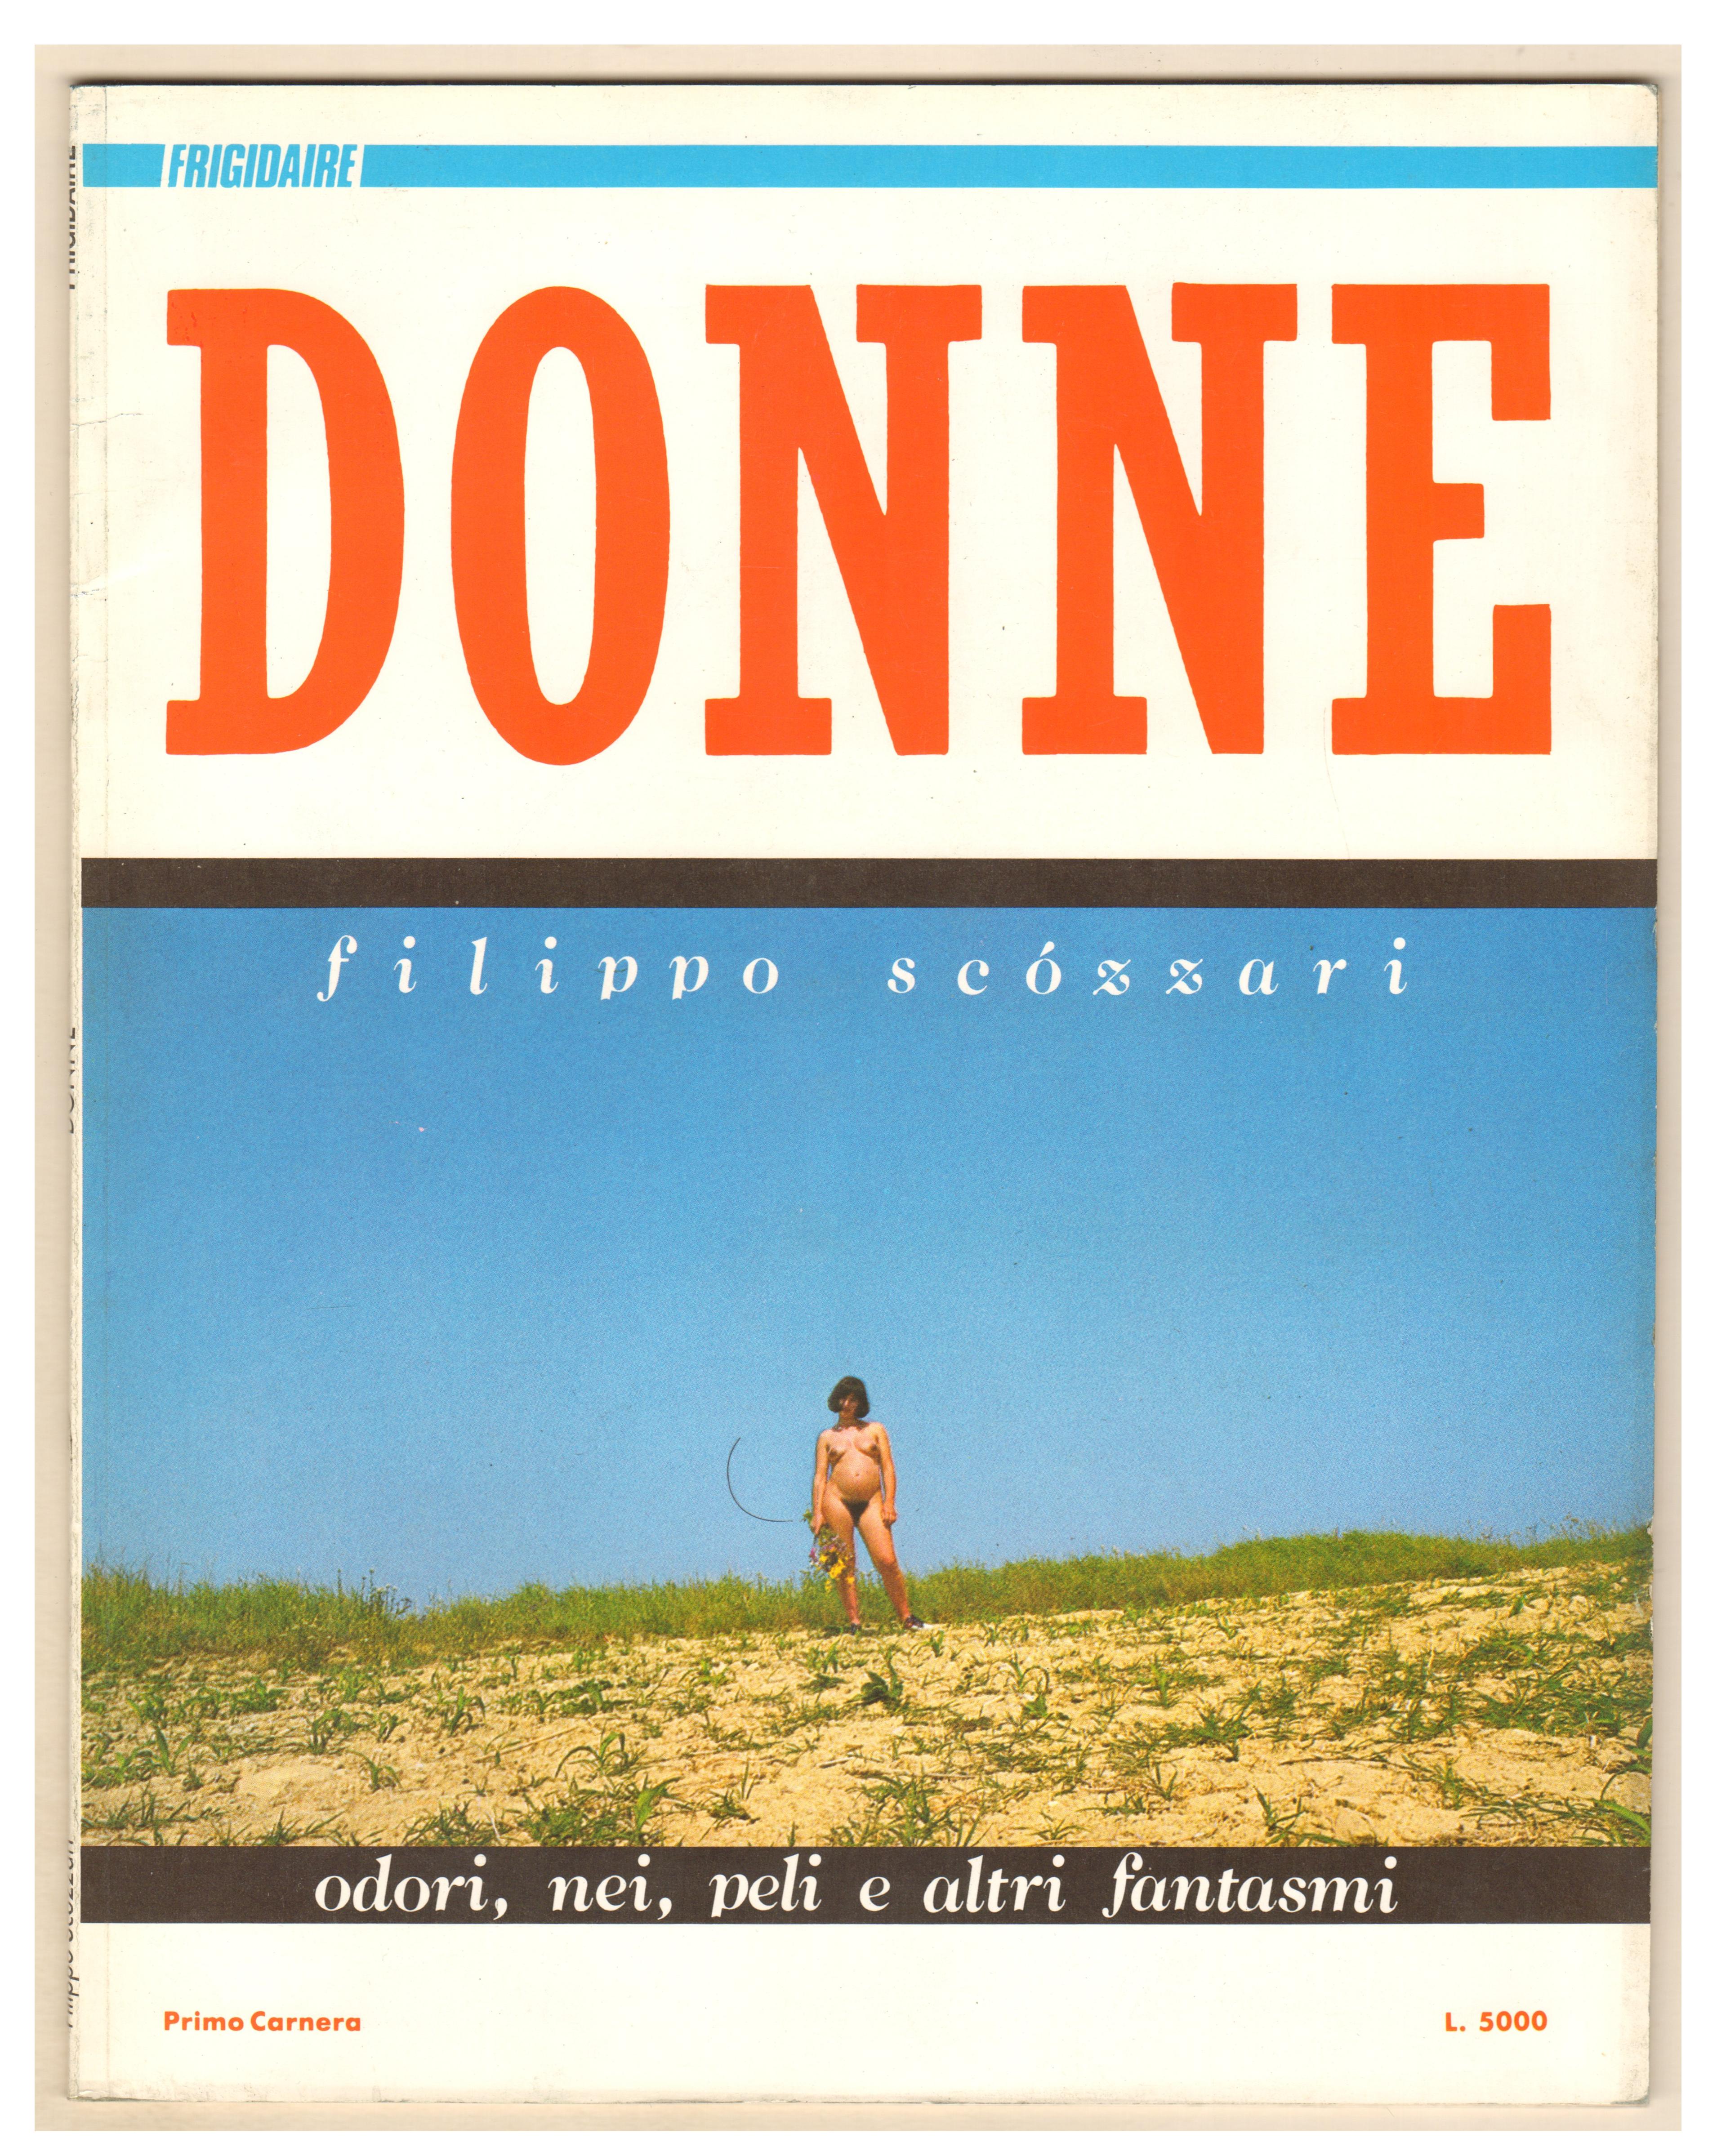 Filippo Scozzari DONNE suppl. al n. 54 di Frigidaire Primo Carnera Ed. 1985